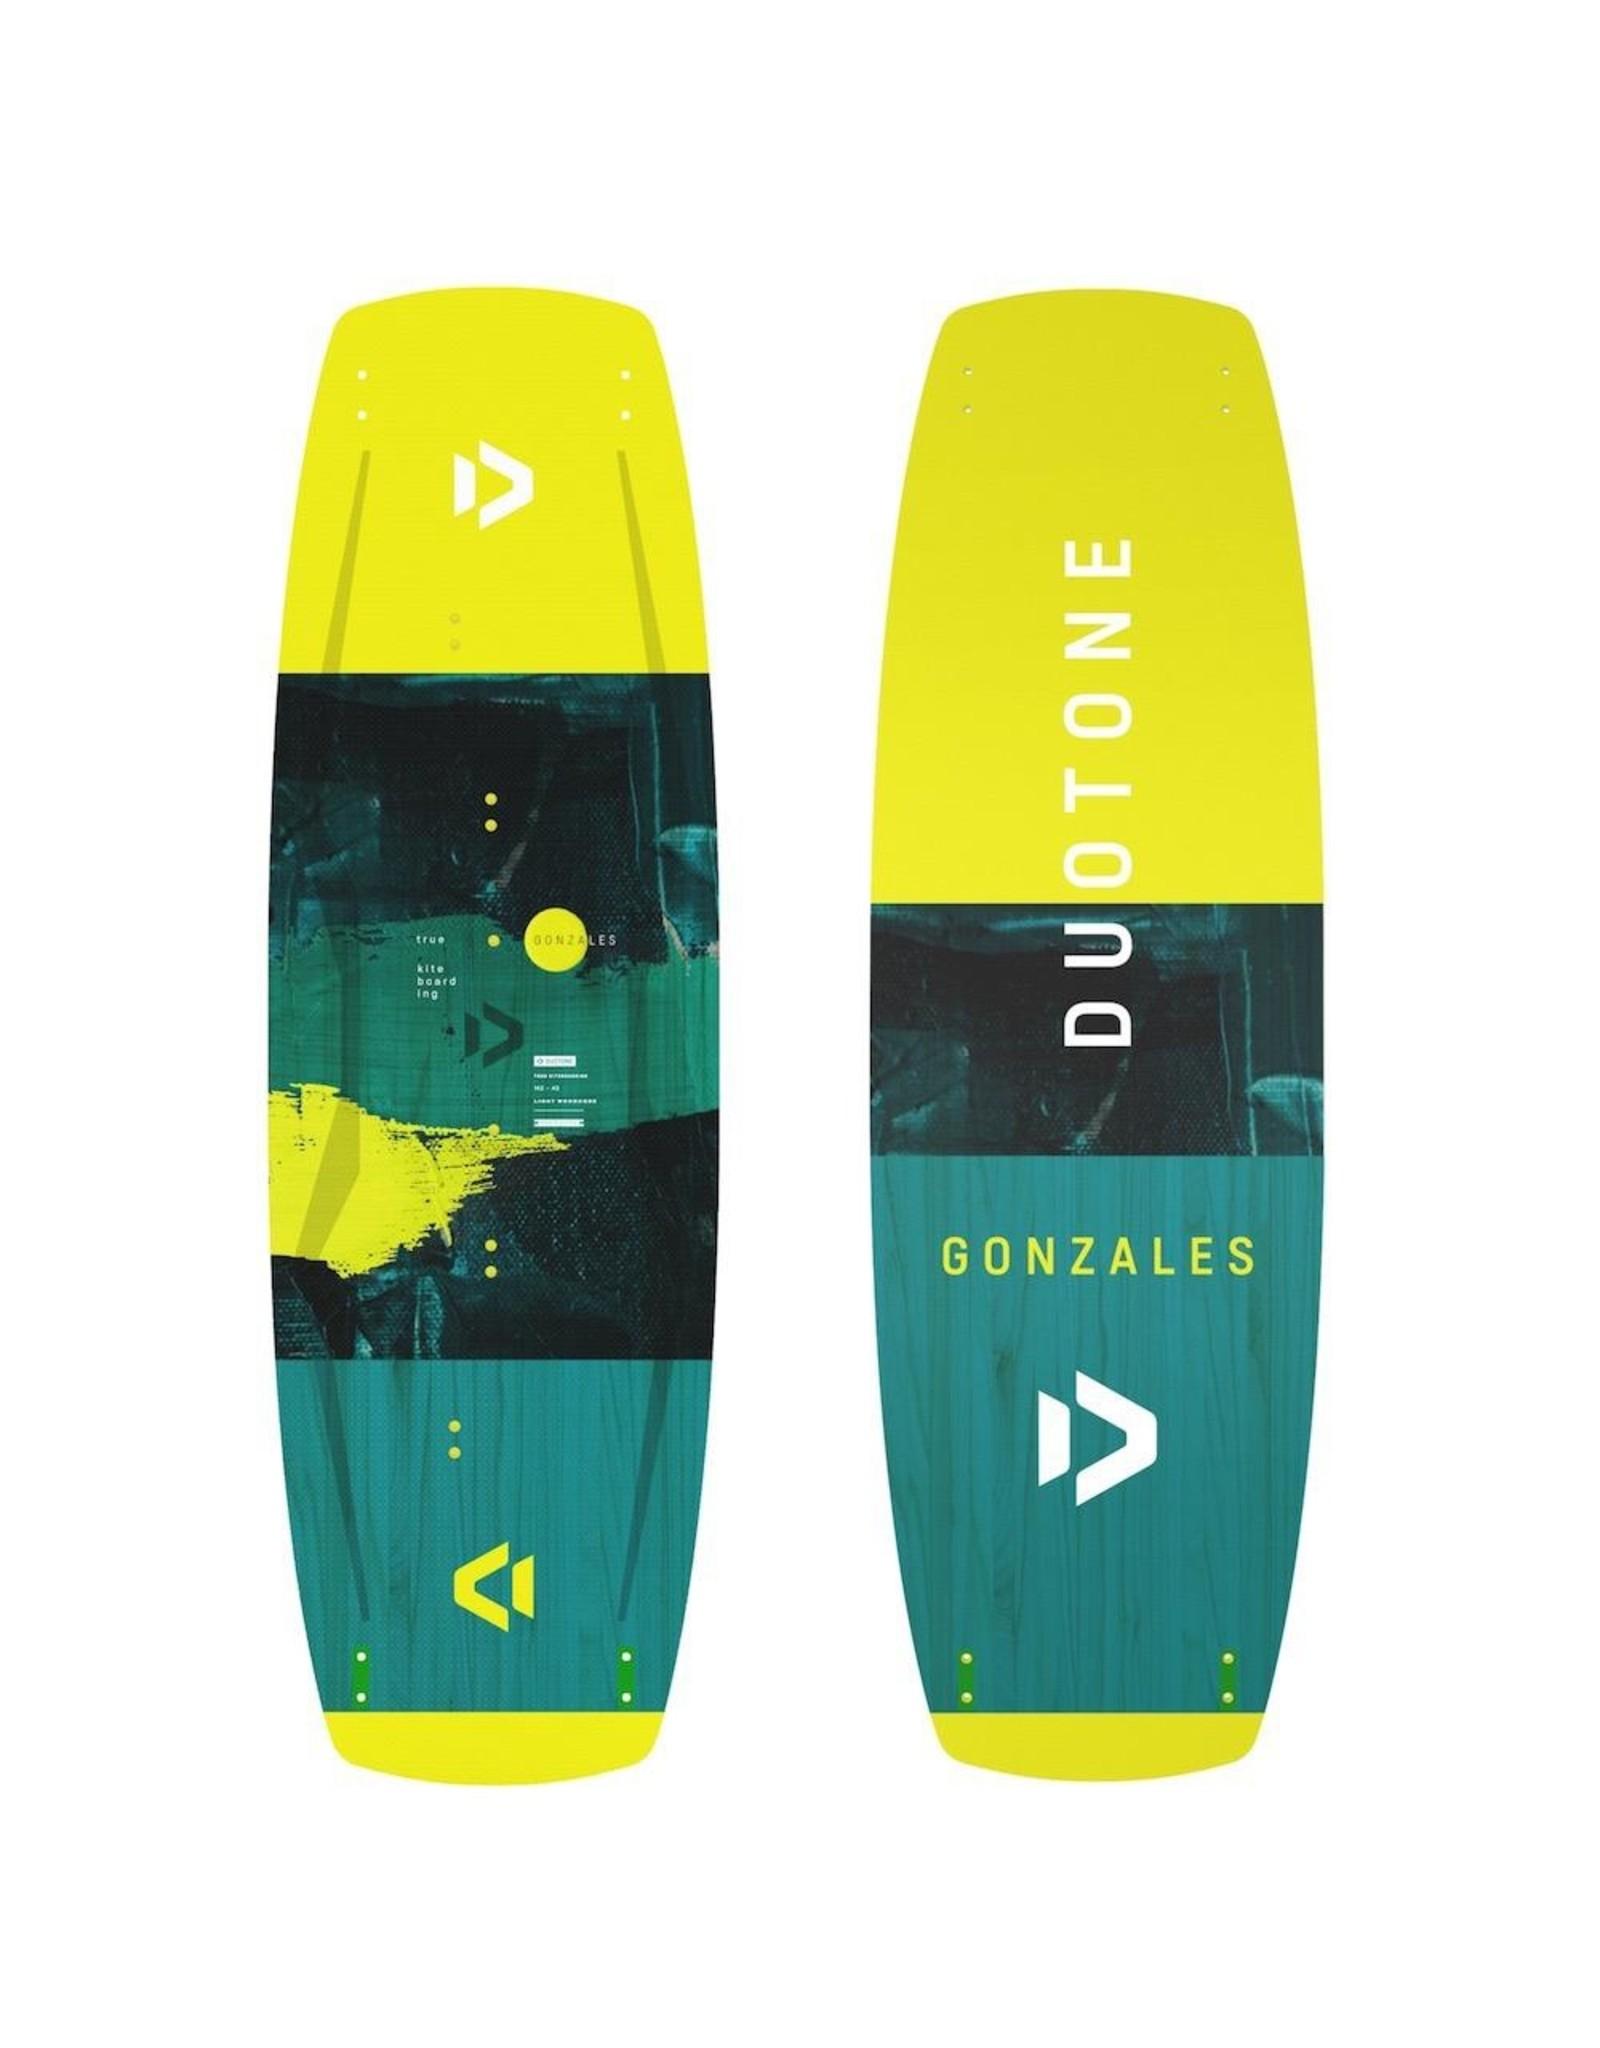 Duotone Duotone - Gonzales - 138 - Twin